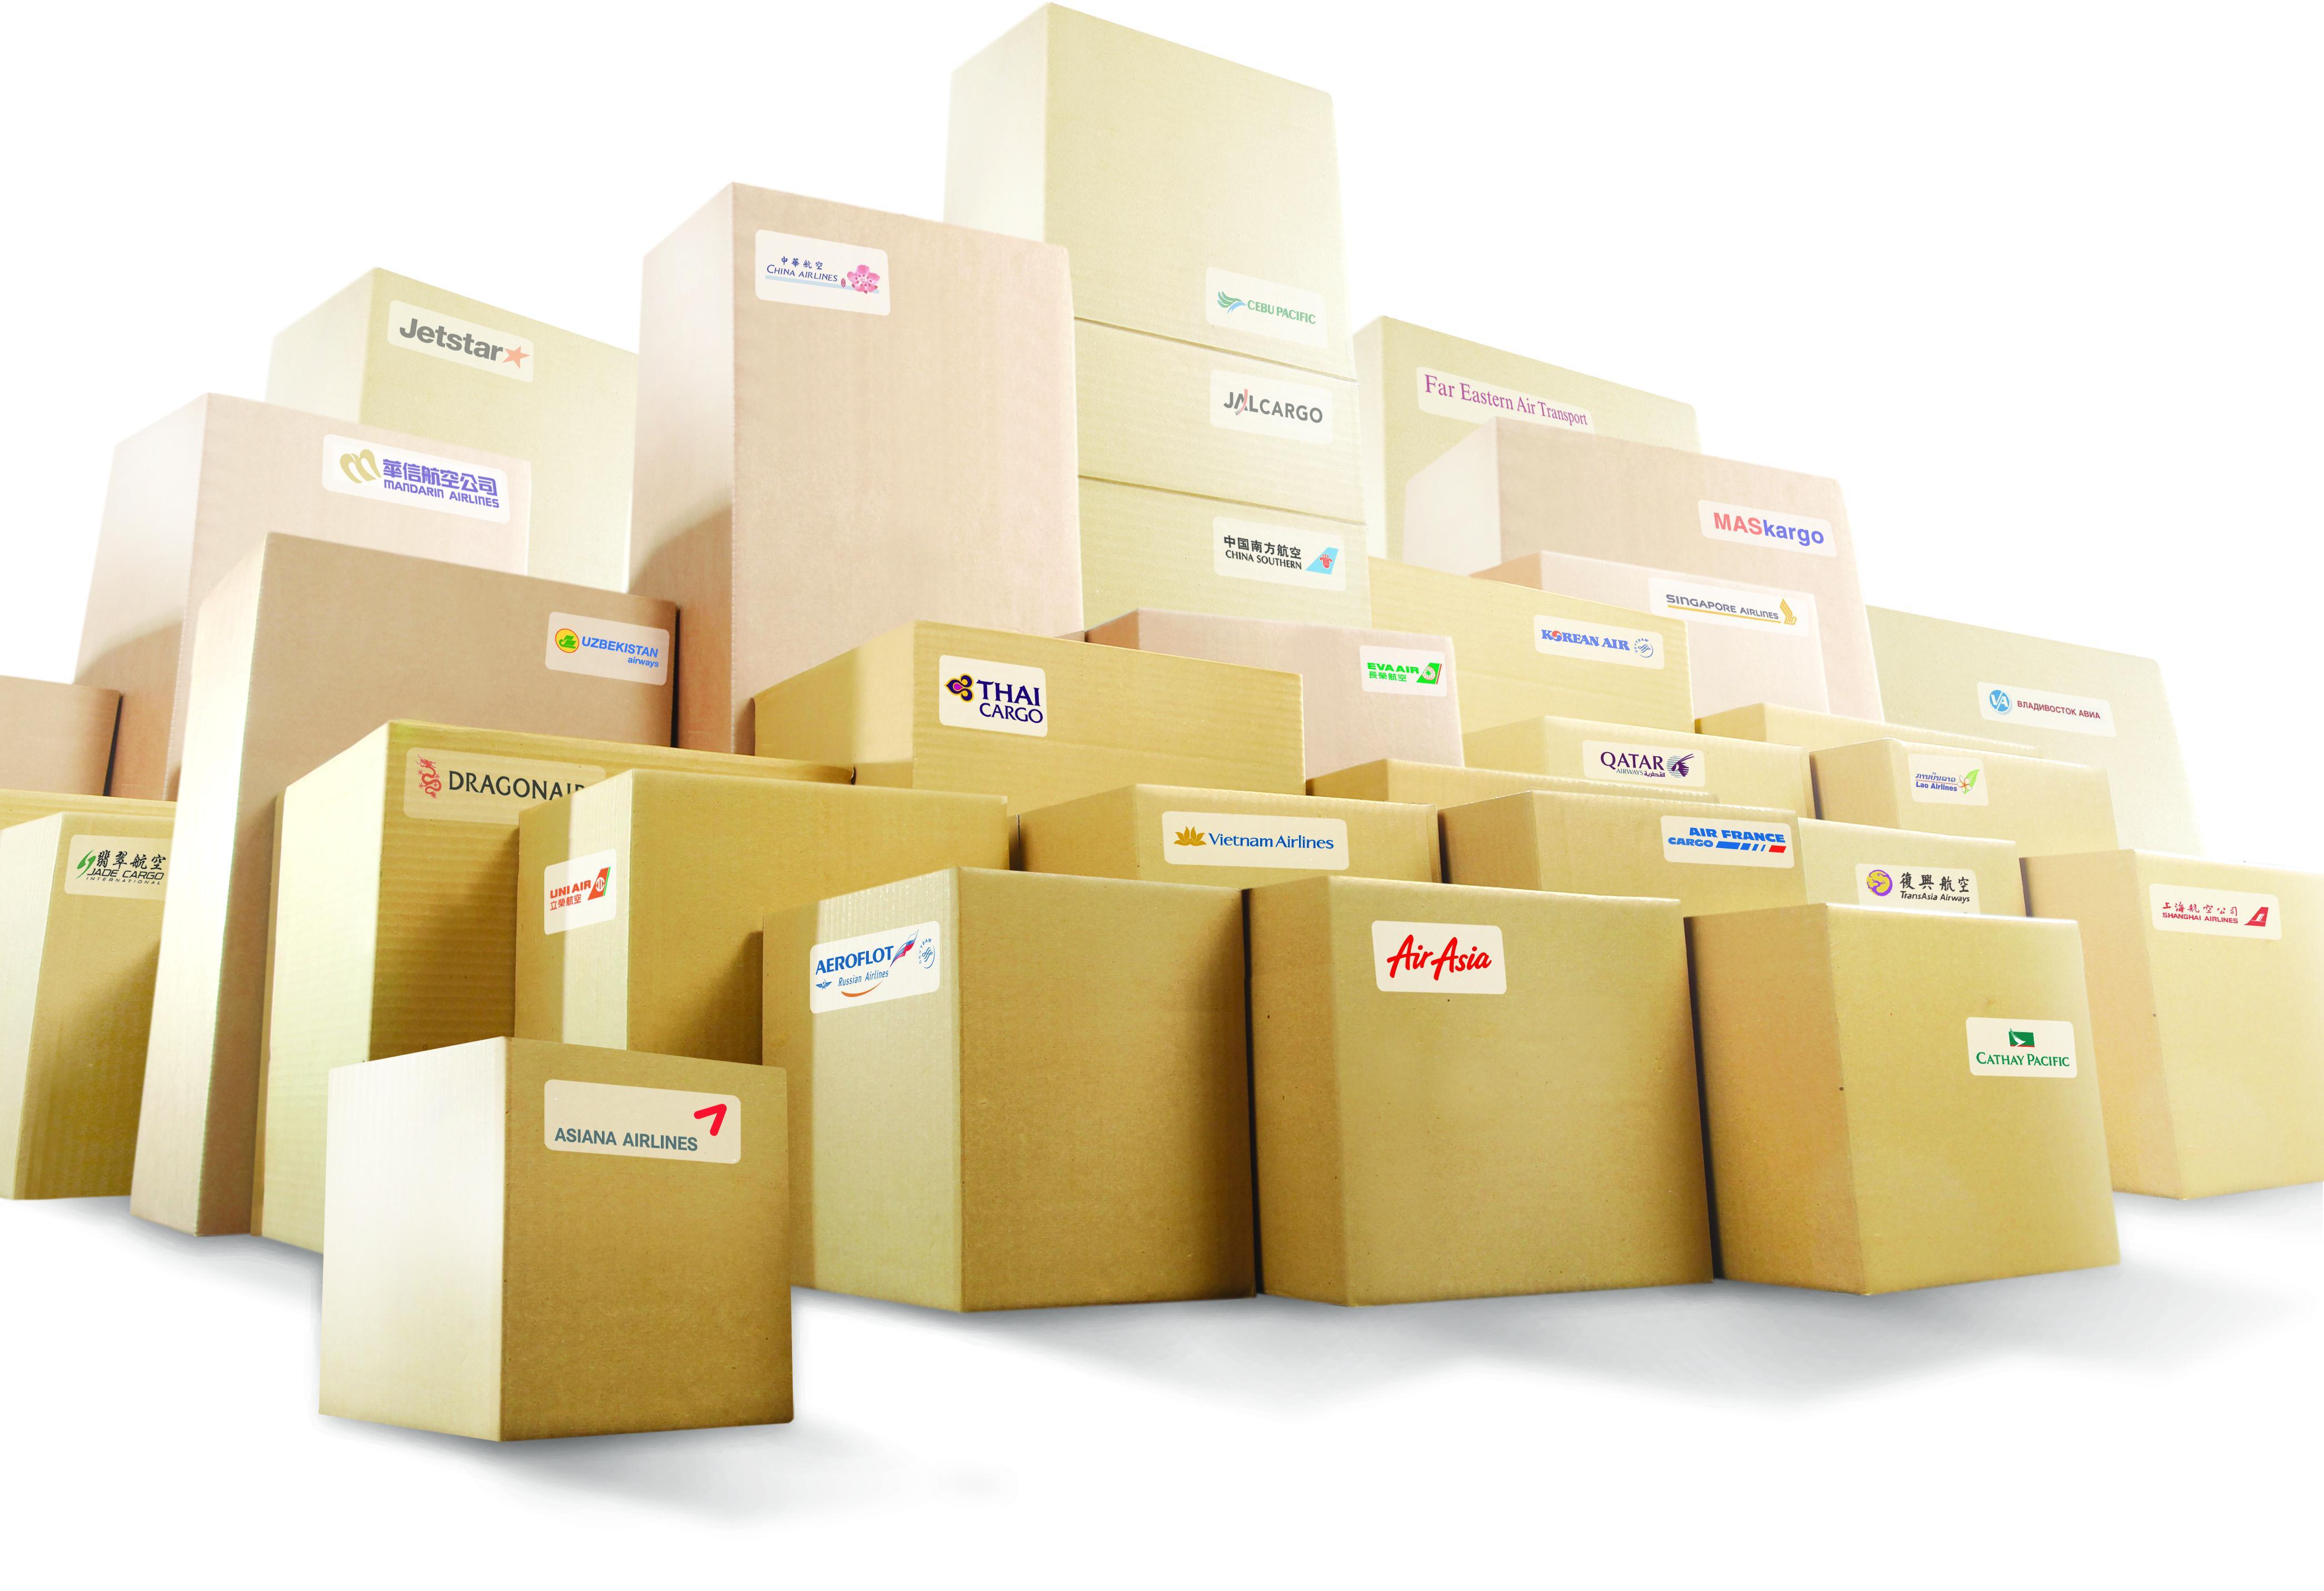 Hùng Phát cam kết mang đến dịch vụ vận chuyển hàng hóa chất lượng nhất cho bạn